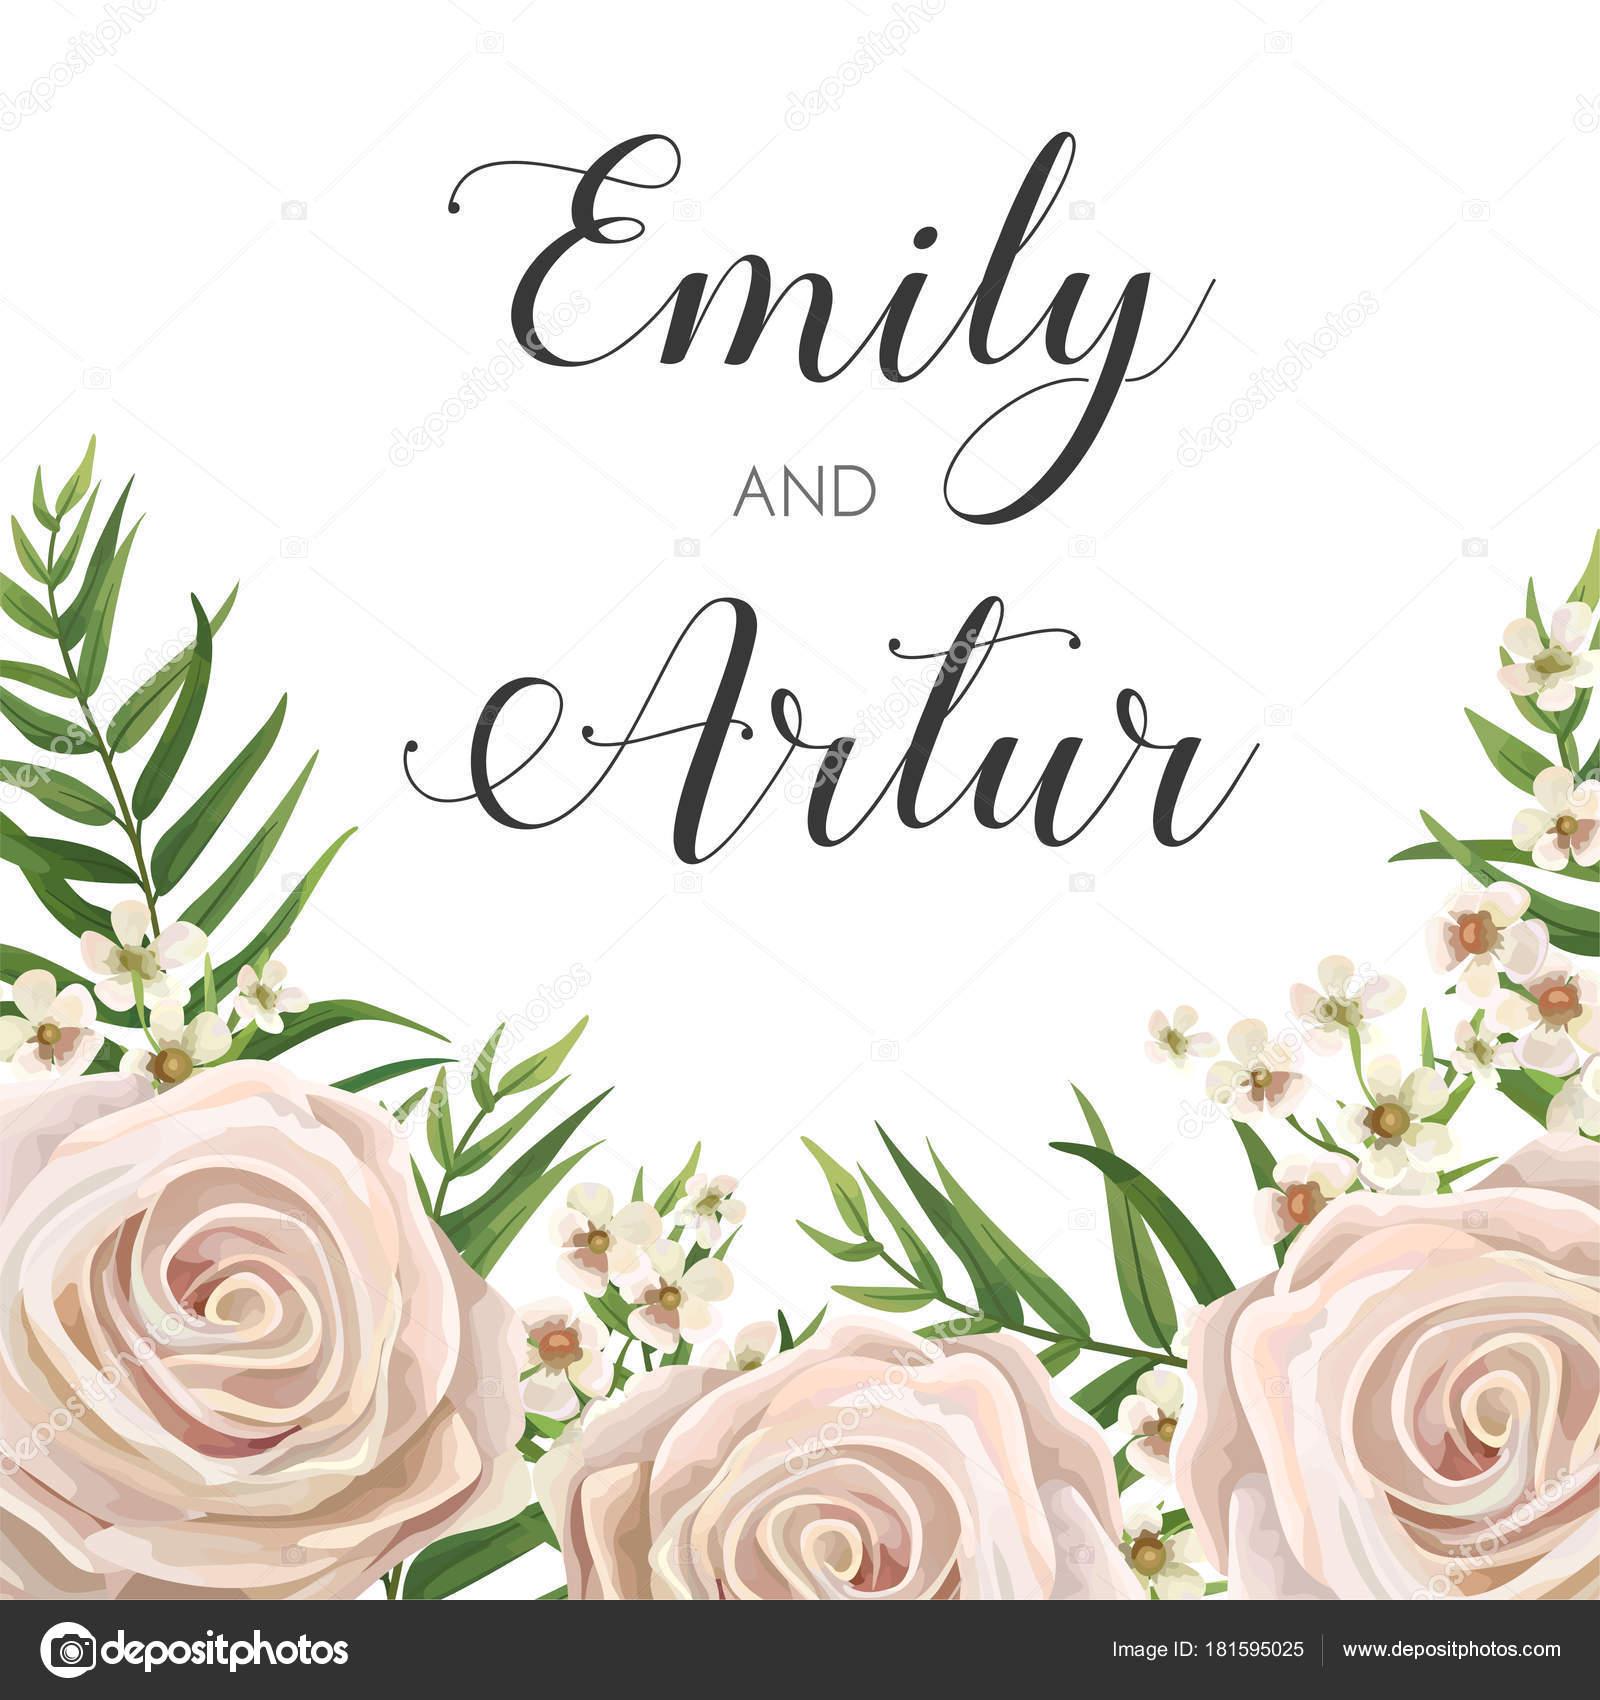 Wedding Invitation Floral Invite Card Design With Creamy White